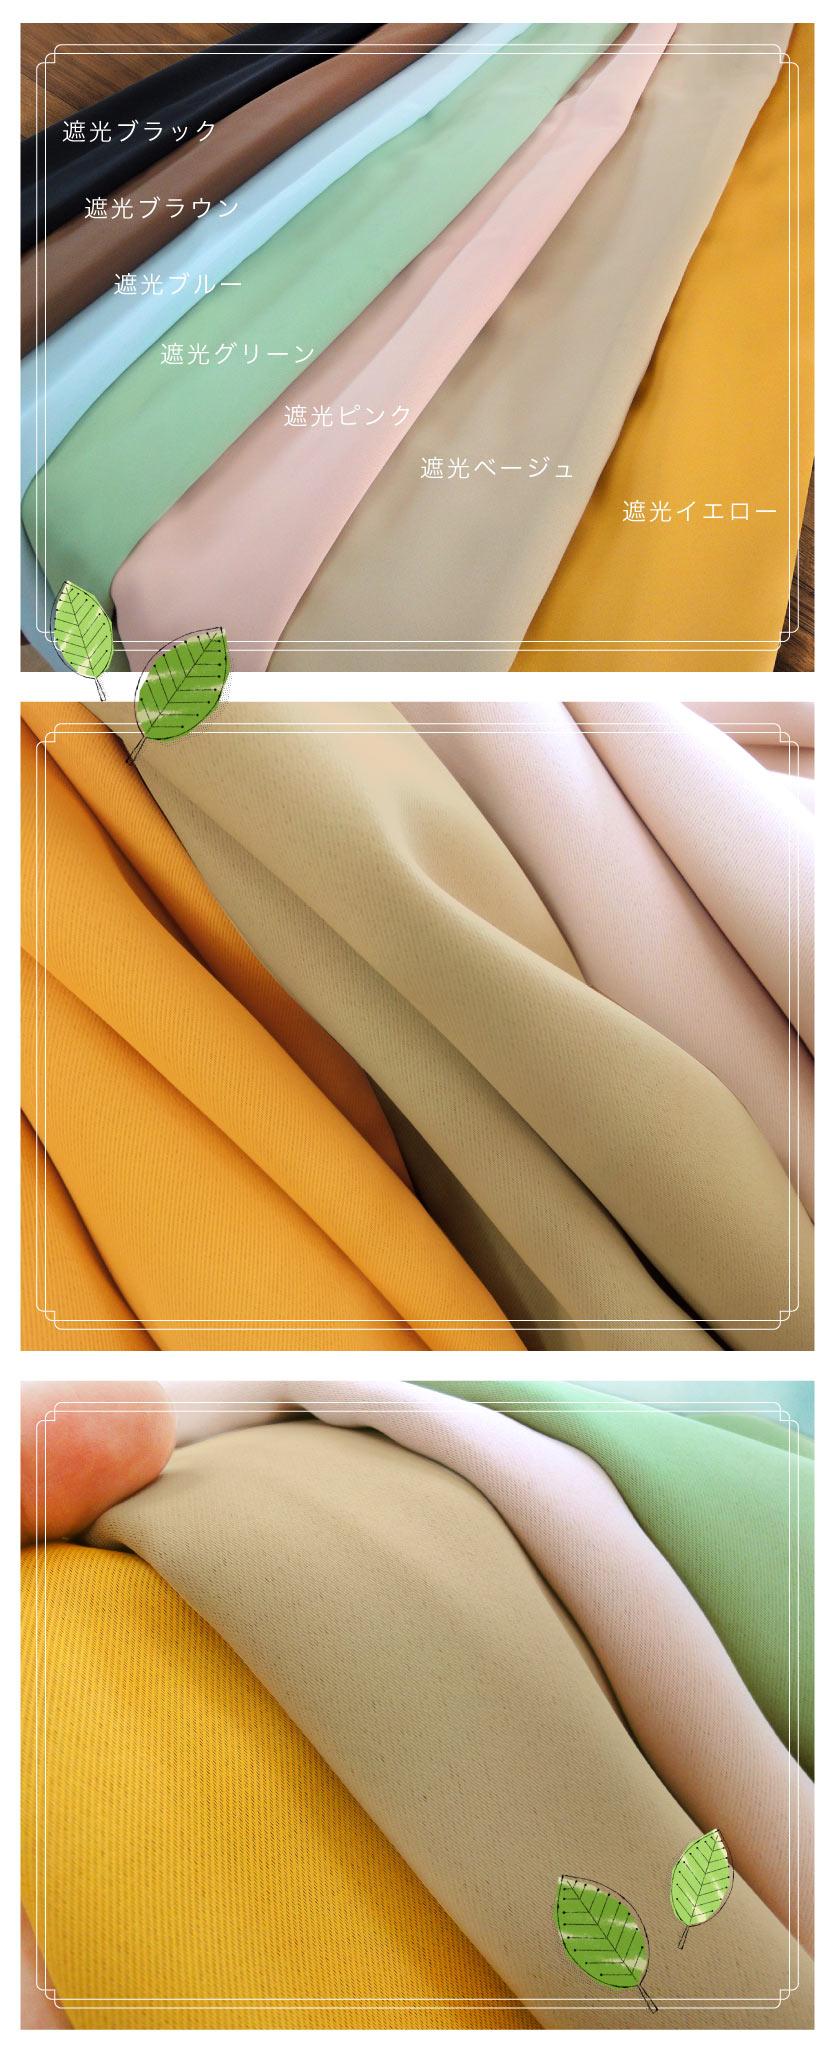 1級遮光・防炎加工のついた本格的な遮光カーテン